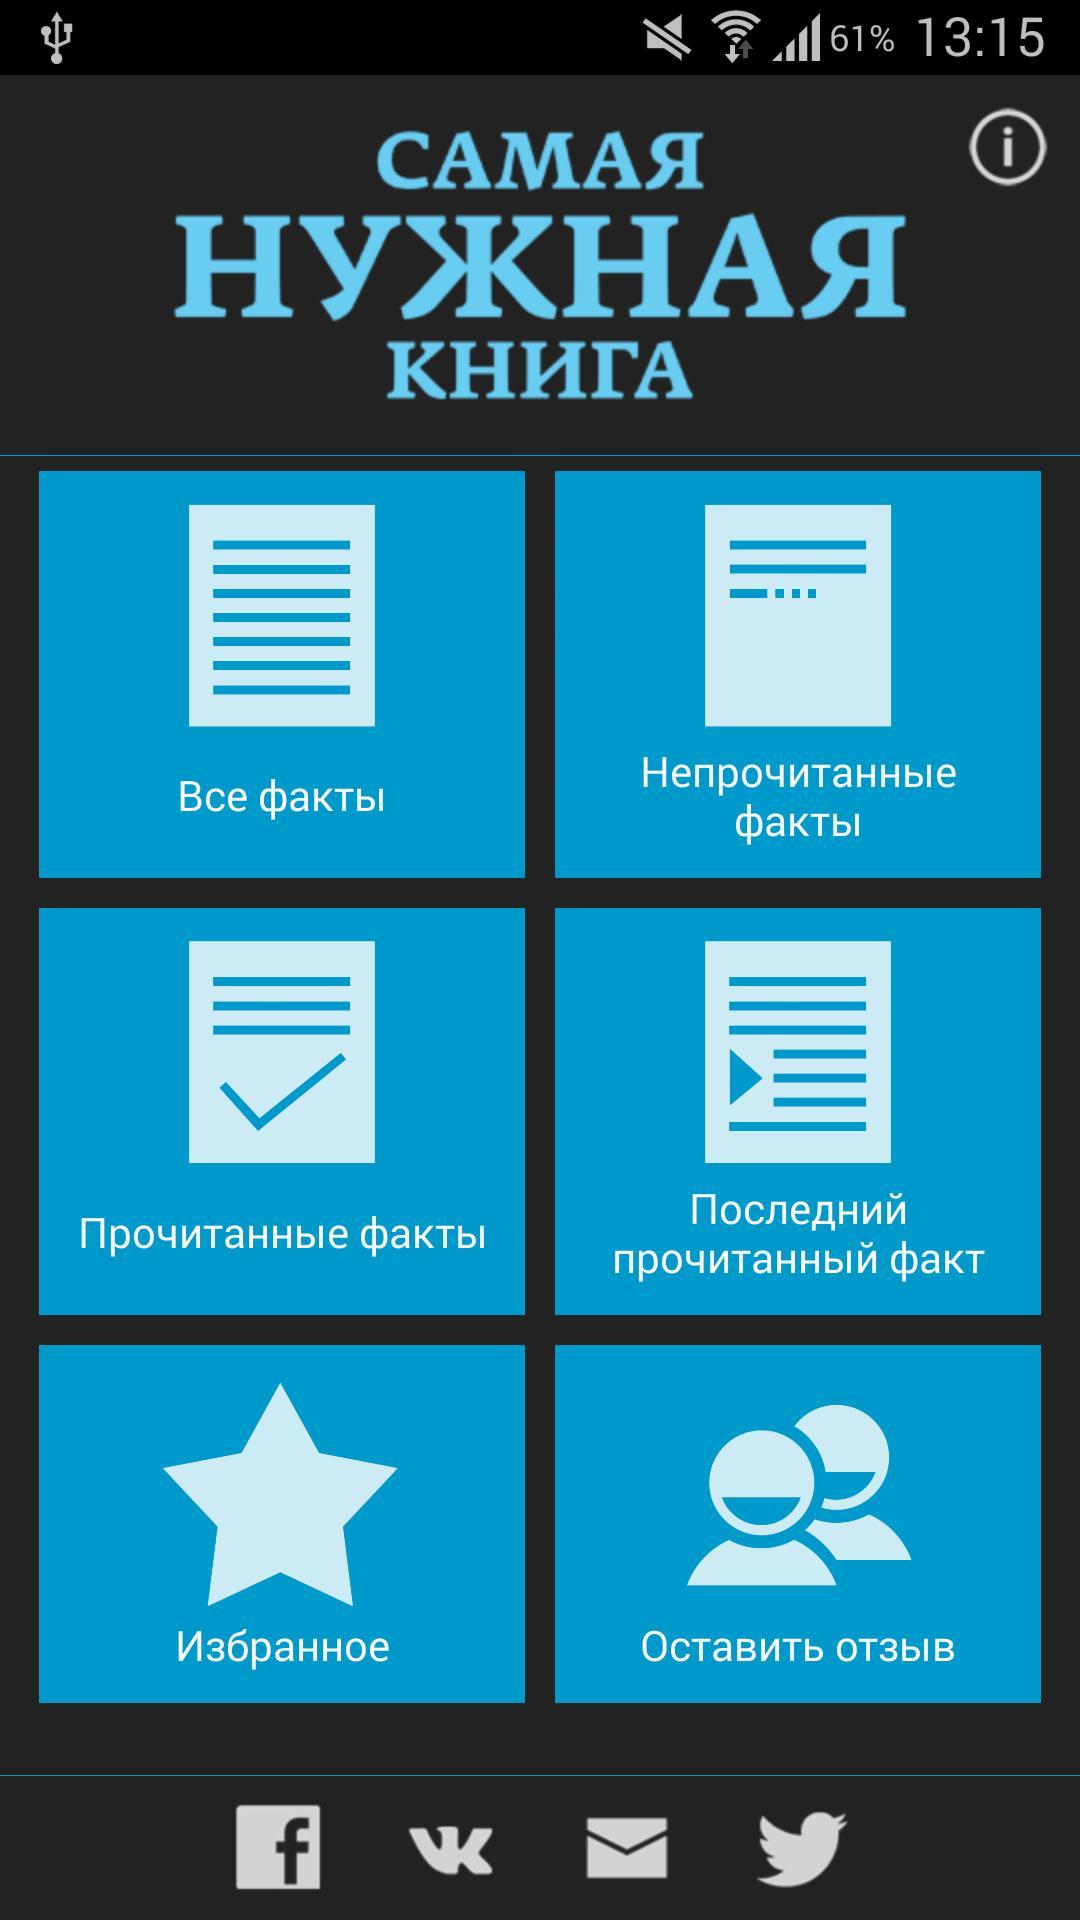 Скачать Самая Нужная Книга на Андроид screen 1